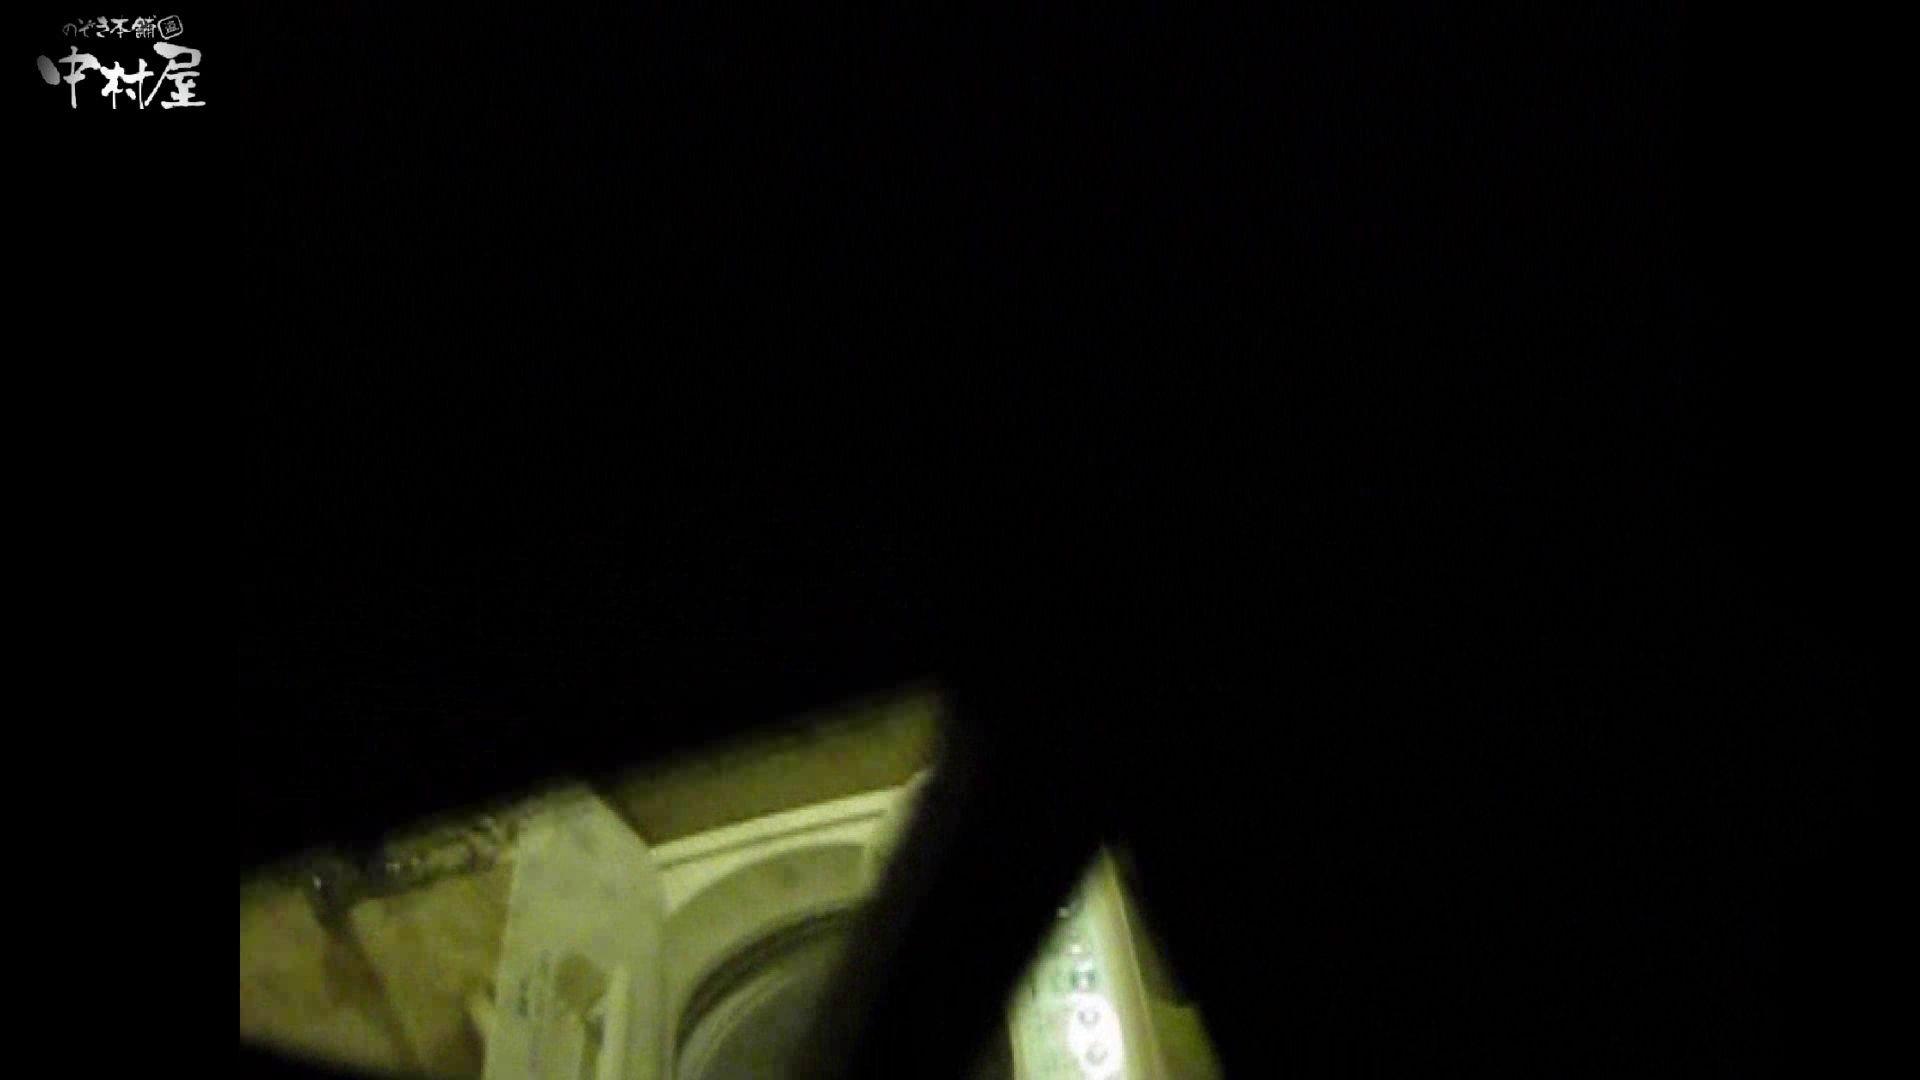 民家風呂専門盗撮師の超危険映像 vol.018 エロい美少女 おまんこ無修正動画無料 95PIX 9